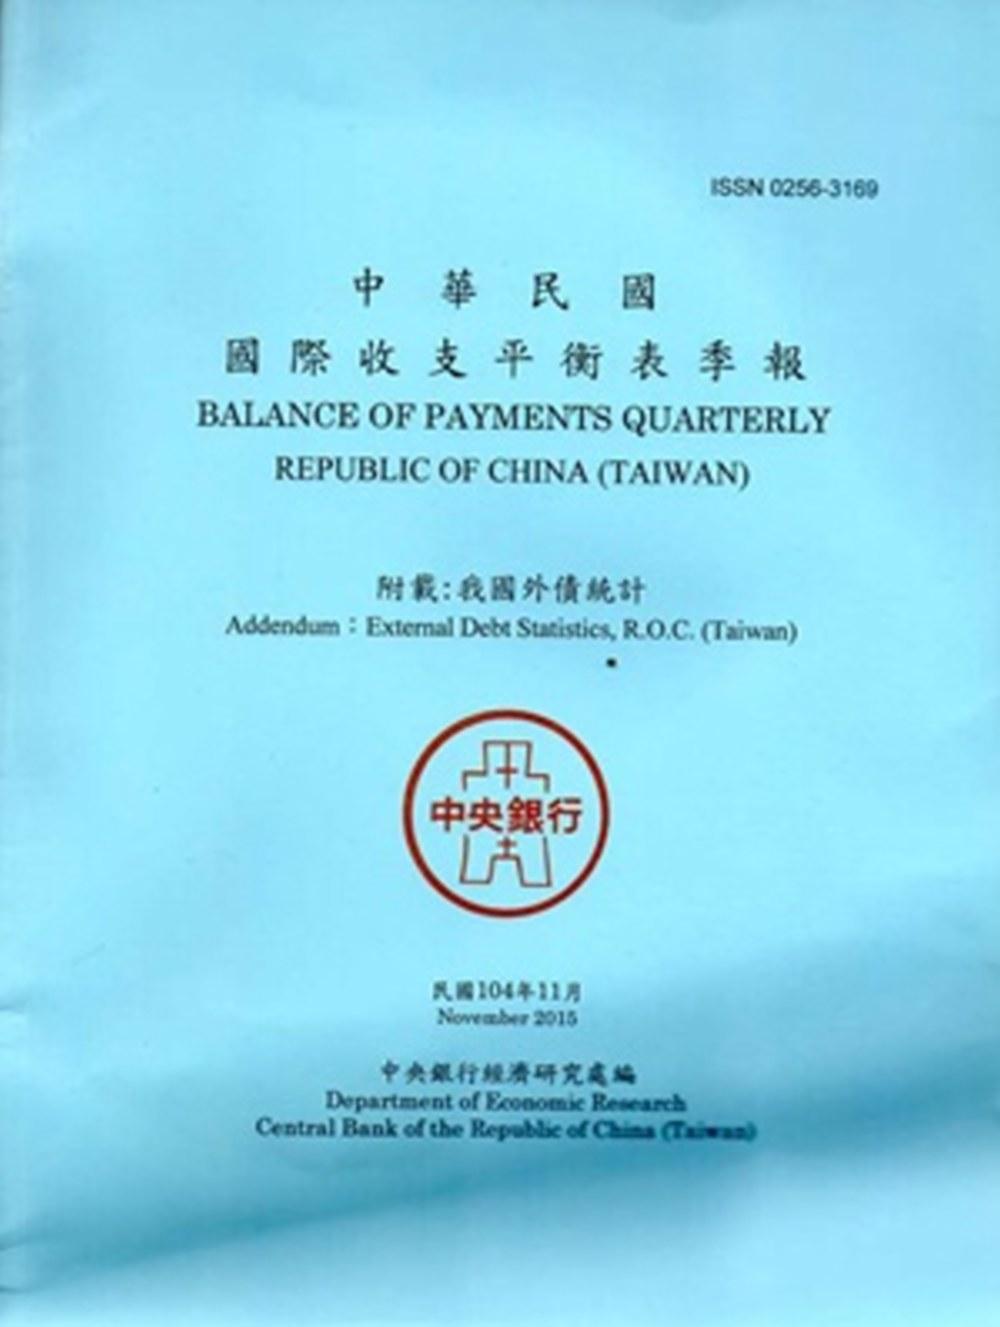 中華民國國際收支平衡表季報104.11